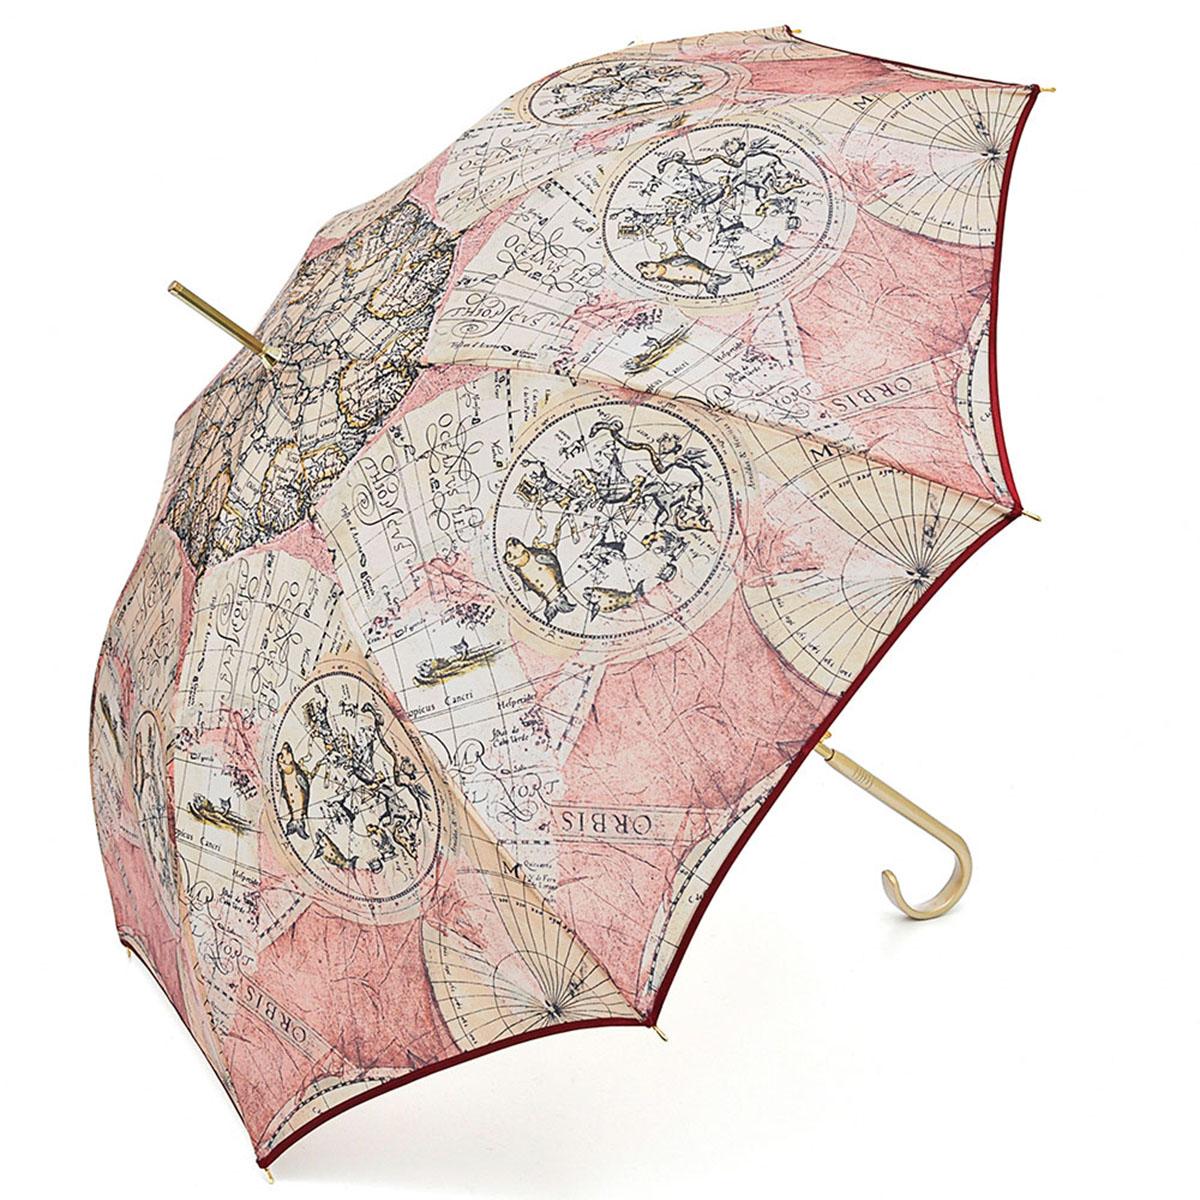 Зонт-трость женский Stilla, цвет: светло-розовый, бежевый, черный. 680/1 auto191I-1714Зонт-трость Stilla надежно защитит вас от дождя. Купол, оформленный оригинальным принтом, выполнен из высококачественного ПВХ, который не пропускает воду.Каркас зонта и спицы выполнены из высококарбонистой стали. Зонт имеет автоматический тип сложения: открывается и закрывается при нажатии на кнопку. Удобная ручка выполнена из пластика.